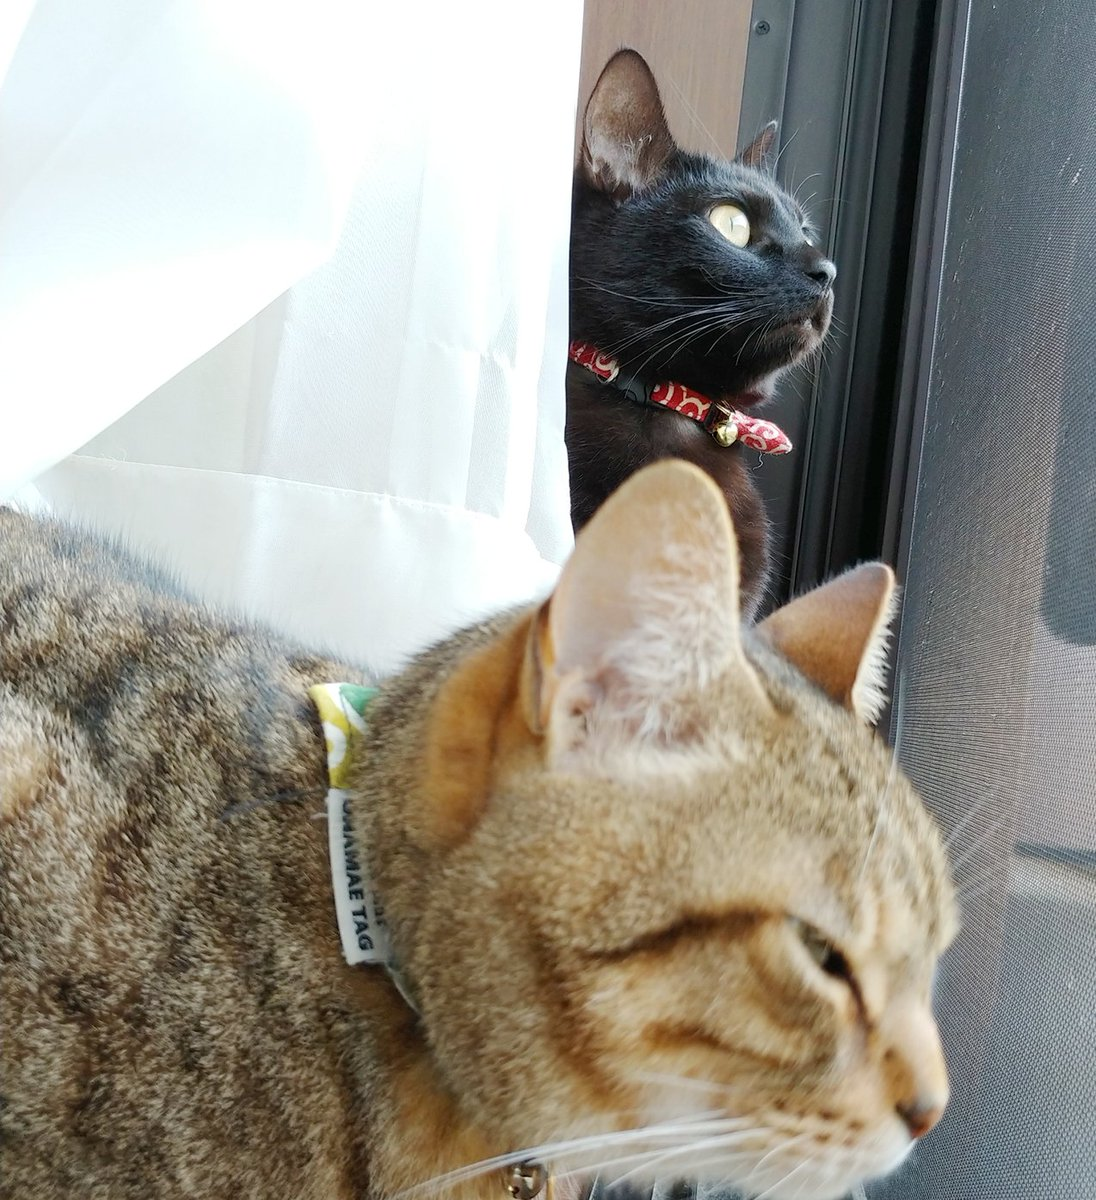 723日目。外も気になるがカメラも気になる。いちいちチラッ!チラッ!とこちらを確認する黒猫。キジトラは特にこちらに興味を向ける素振りもなく悠然と風を感じていた。